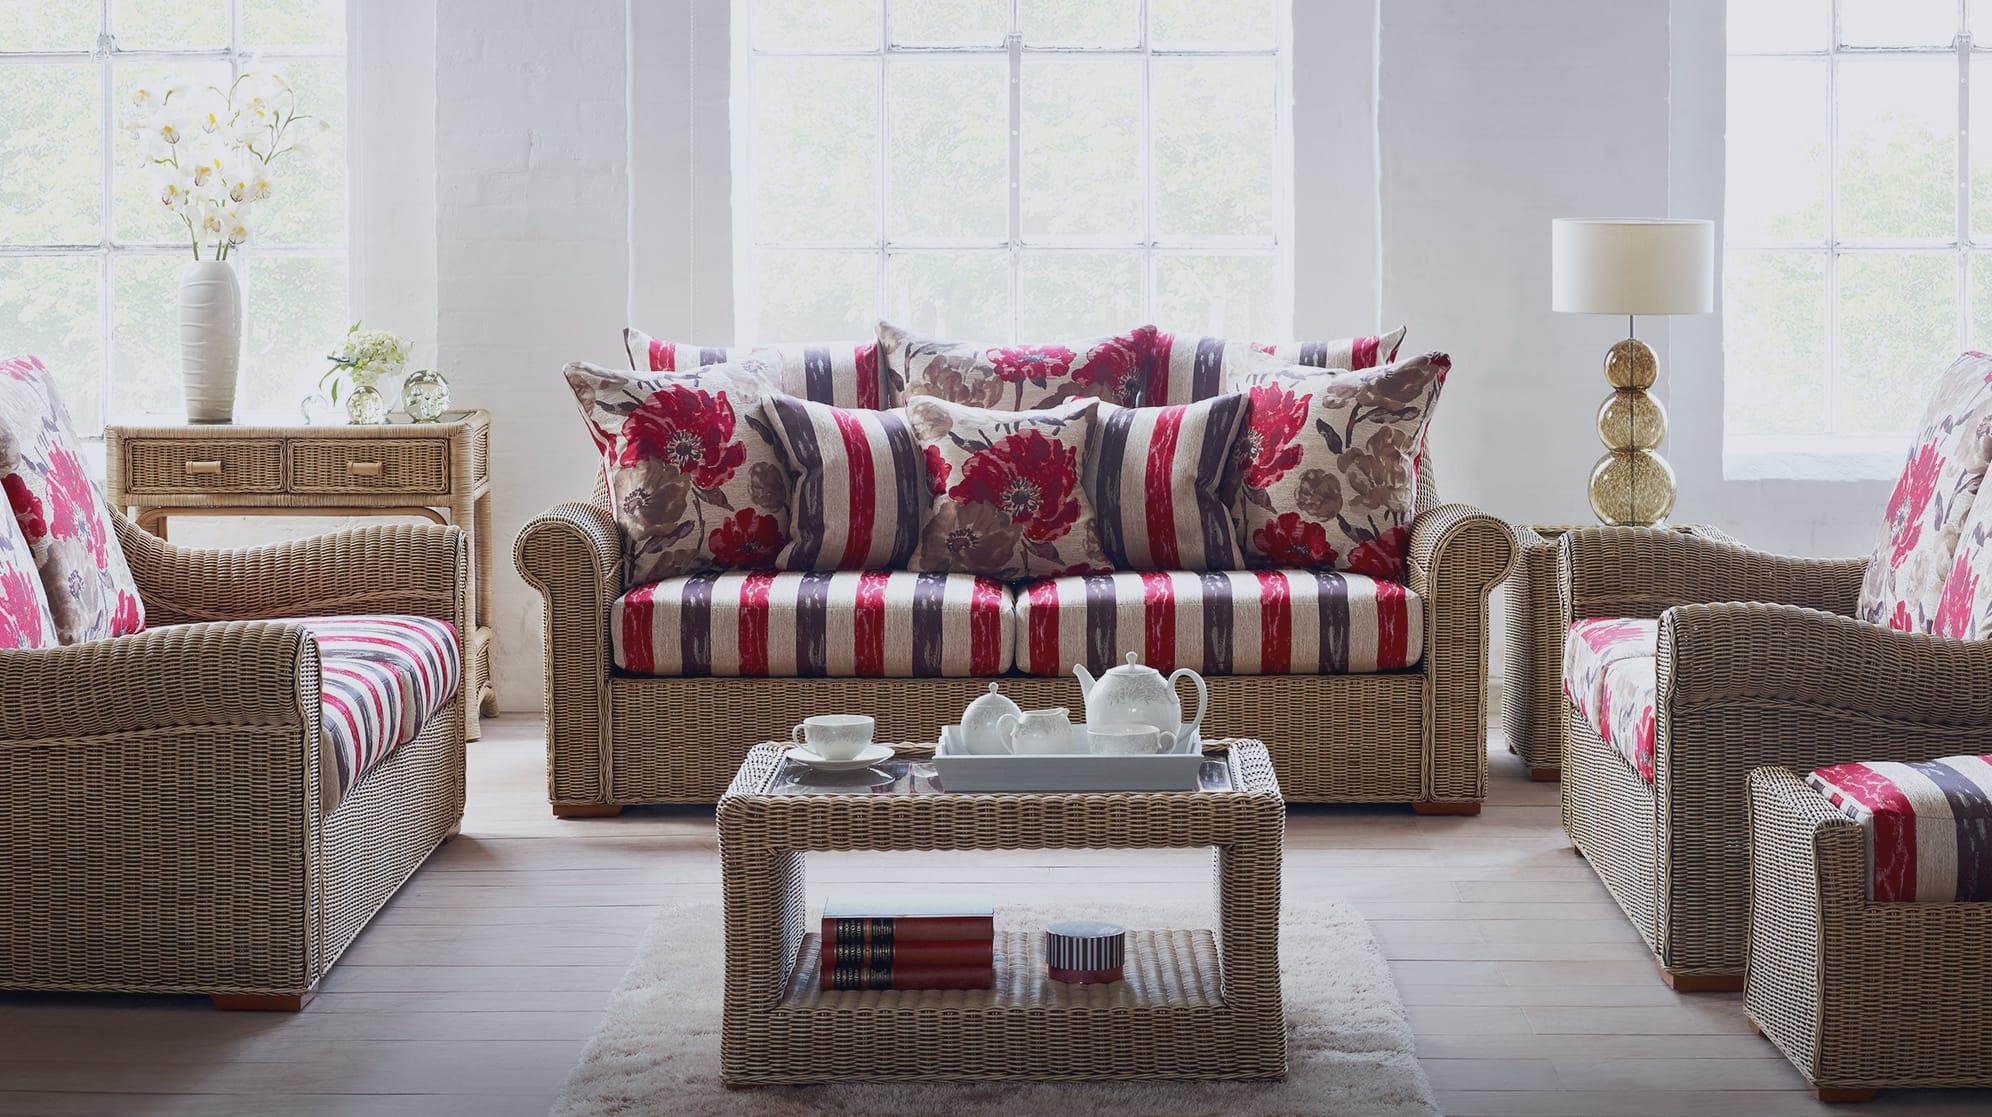 cane furniture prices Cheltenham